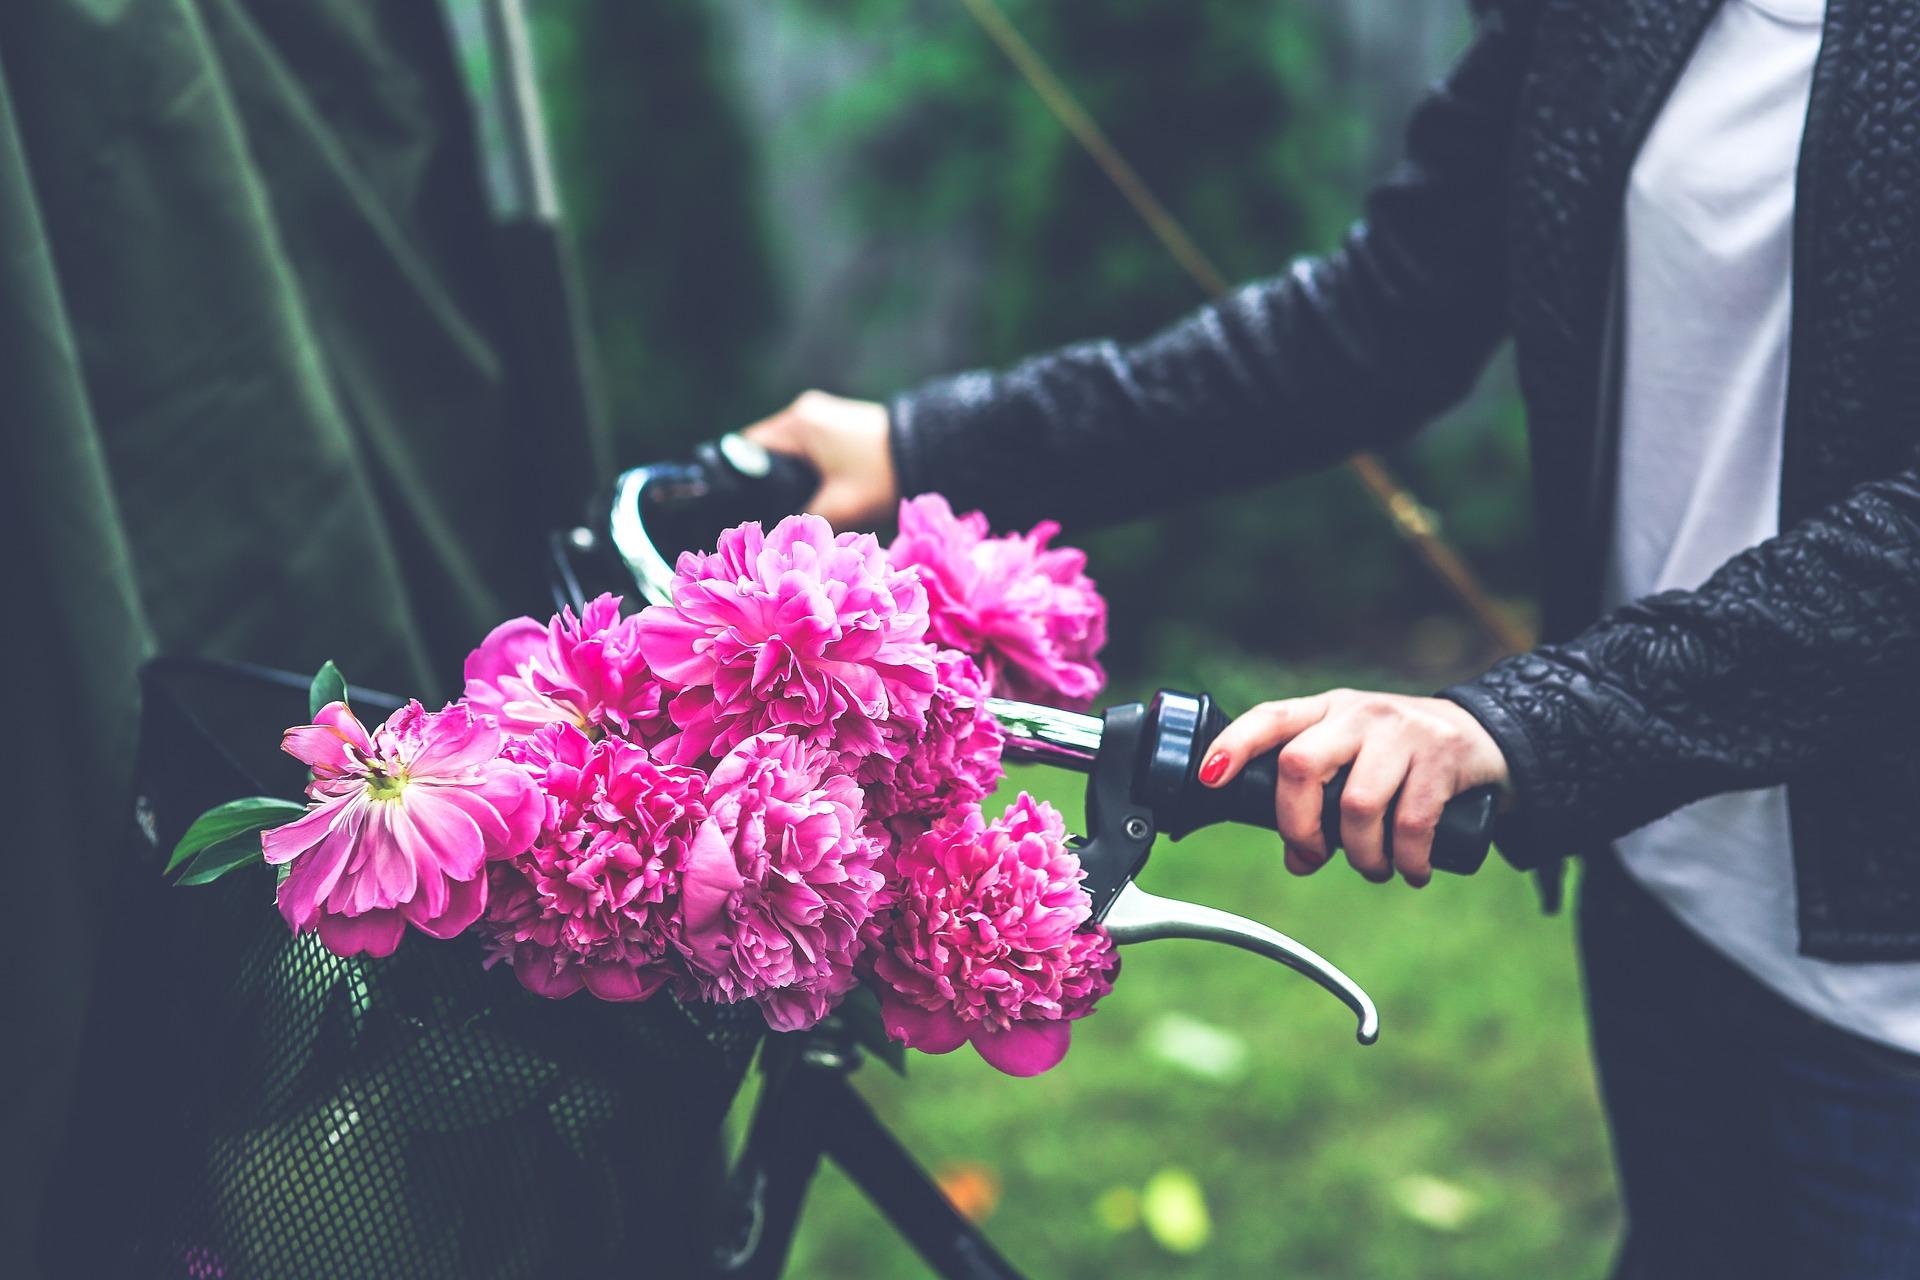 bike-791580_1920